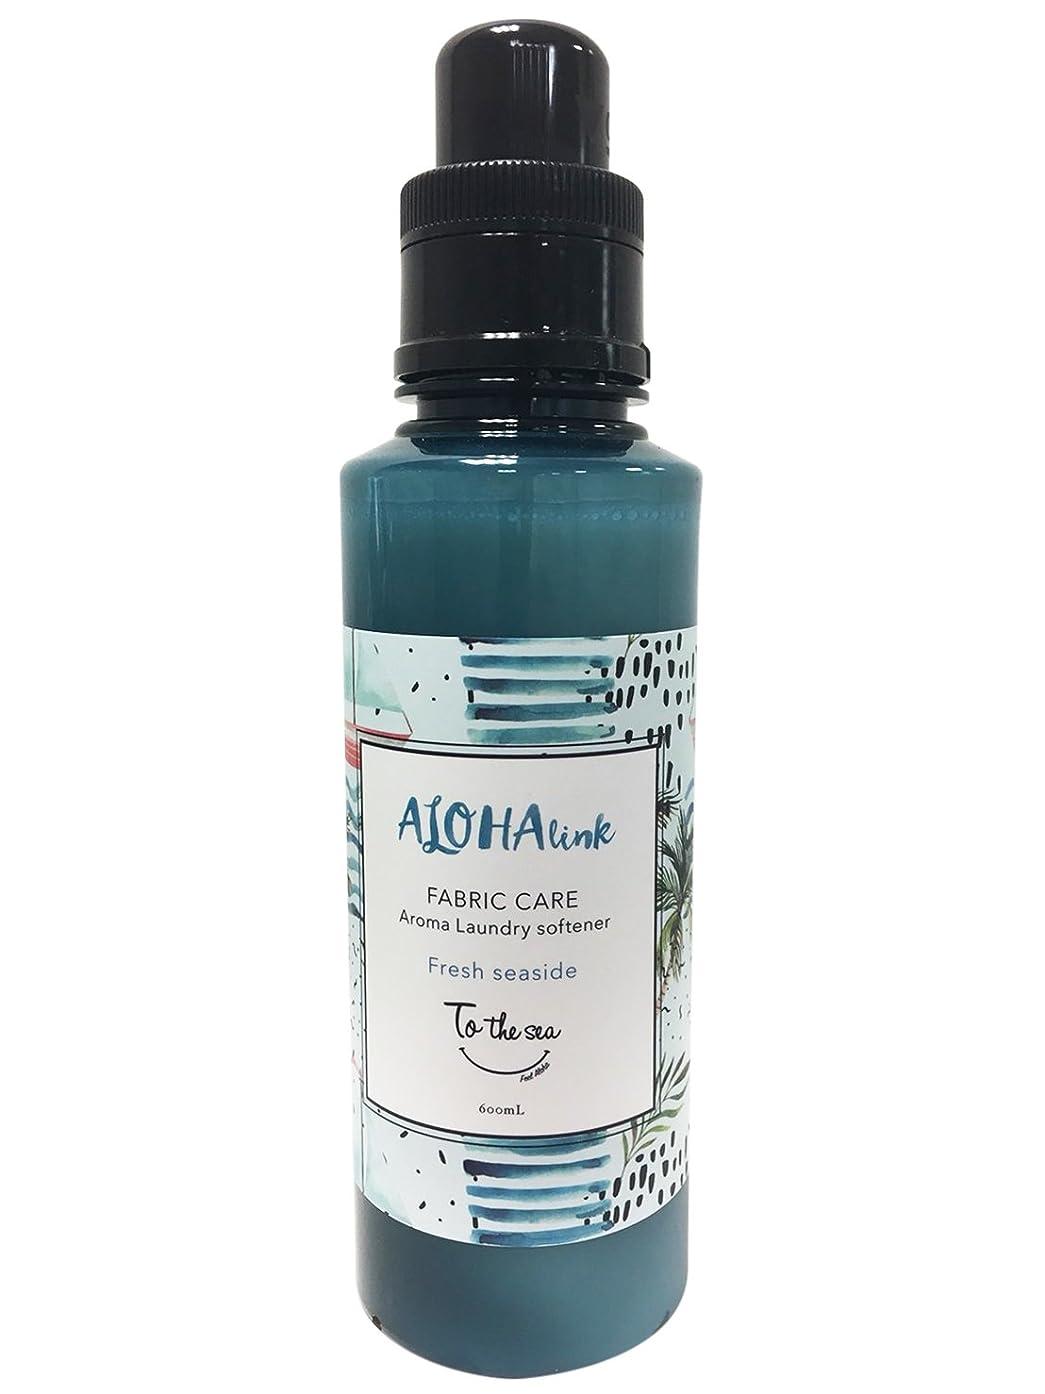 安心盲目約束するALOHA link FABRIC CARE Aroma Laundry softener Fresh seaside 洗濯用柔軟剤 TOTHESEA